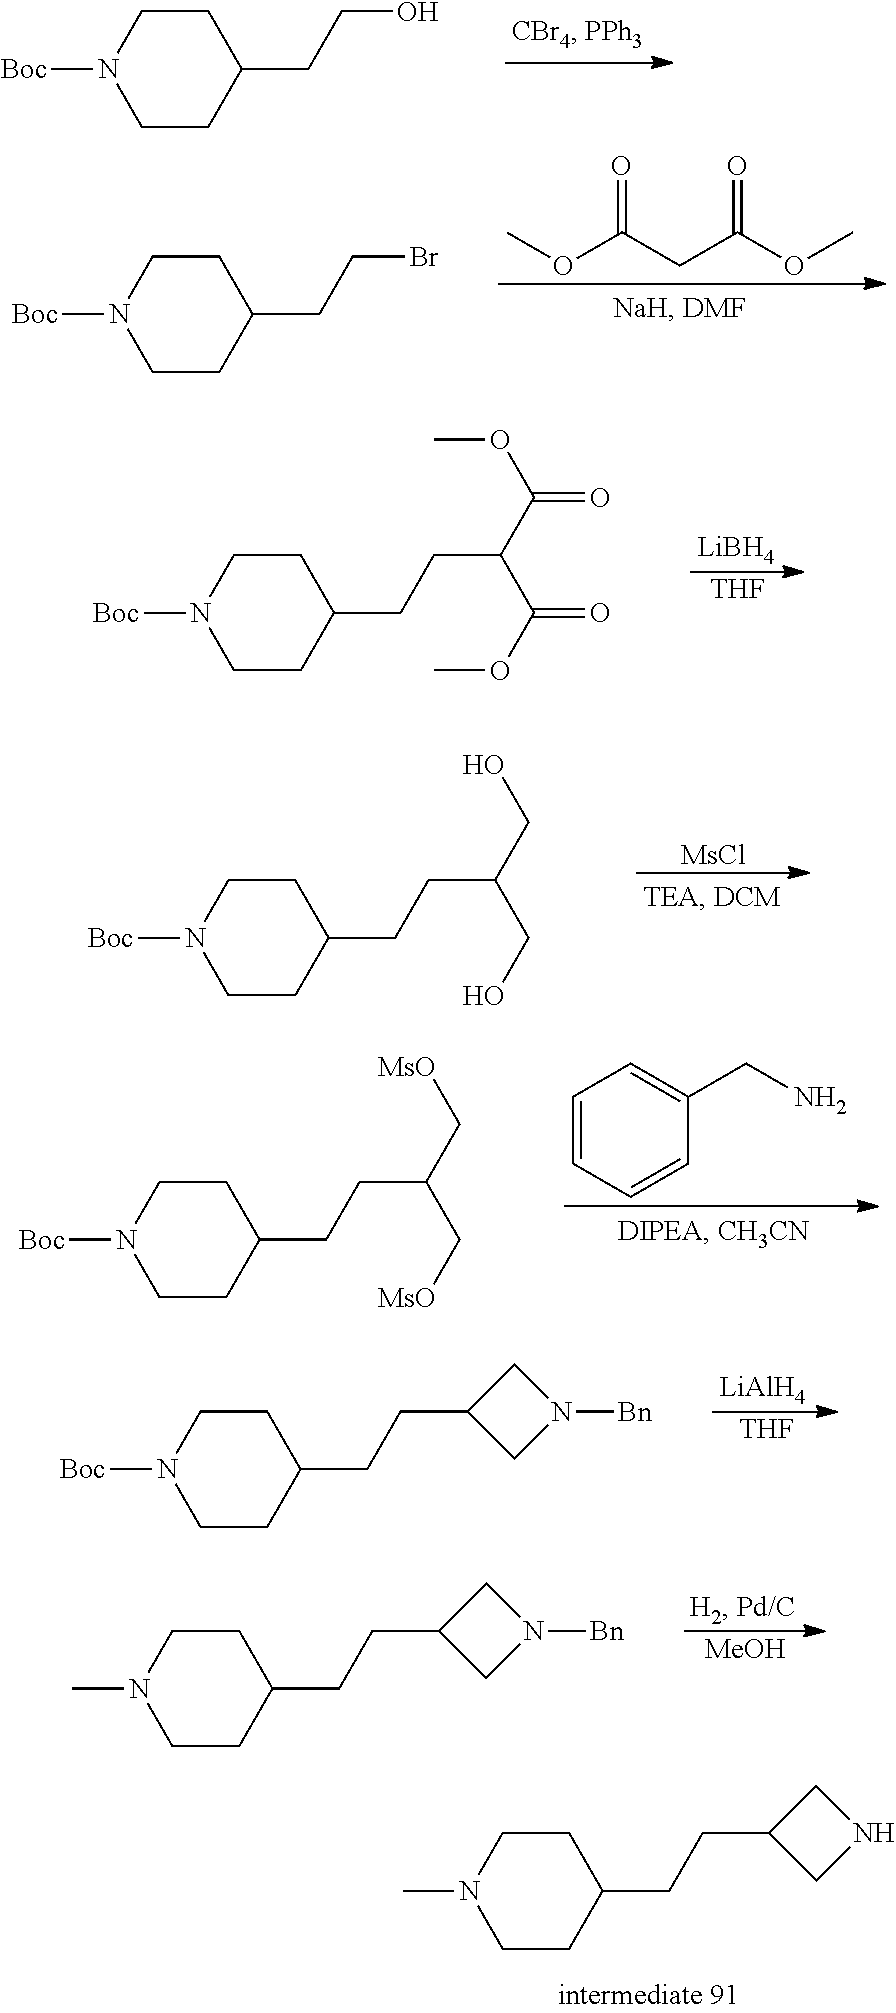 Figure US20180230137A1-20180816-C00109